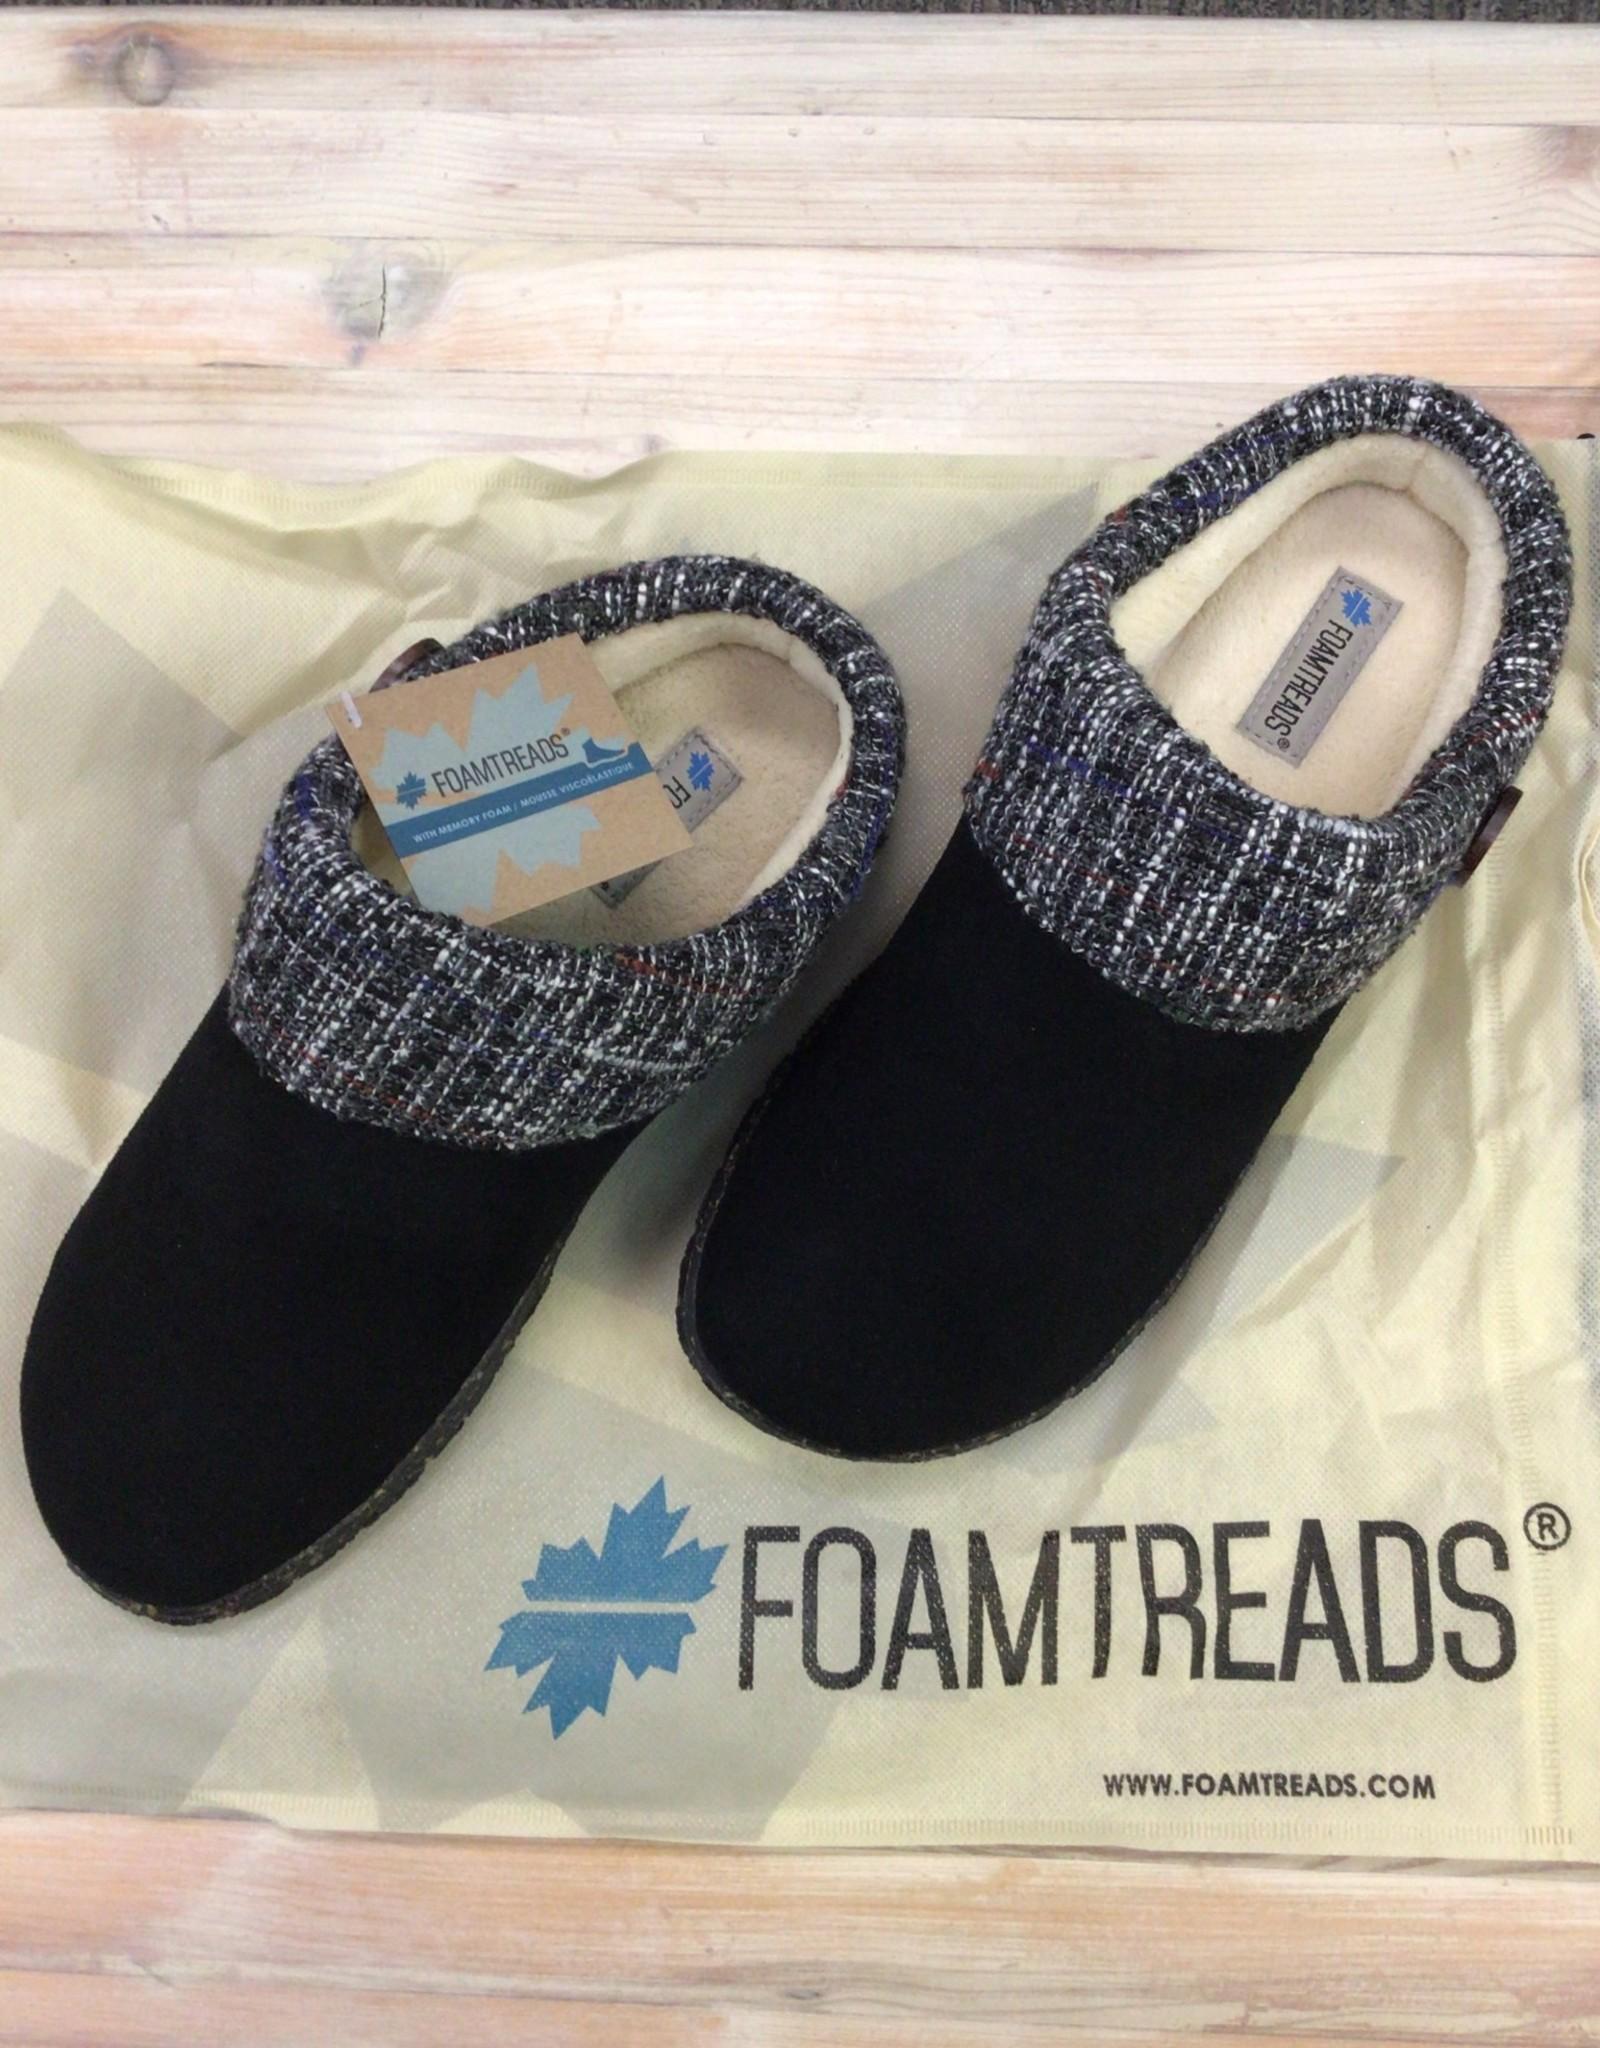 Foamtreads Foamtreads Olympia Ladies'